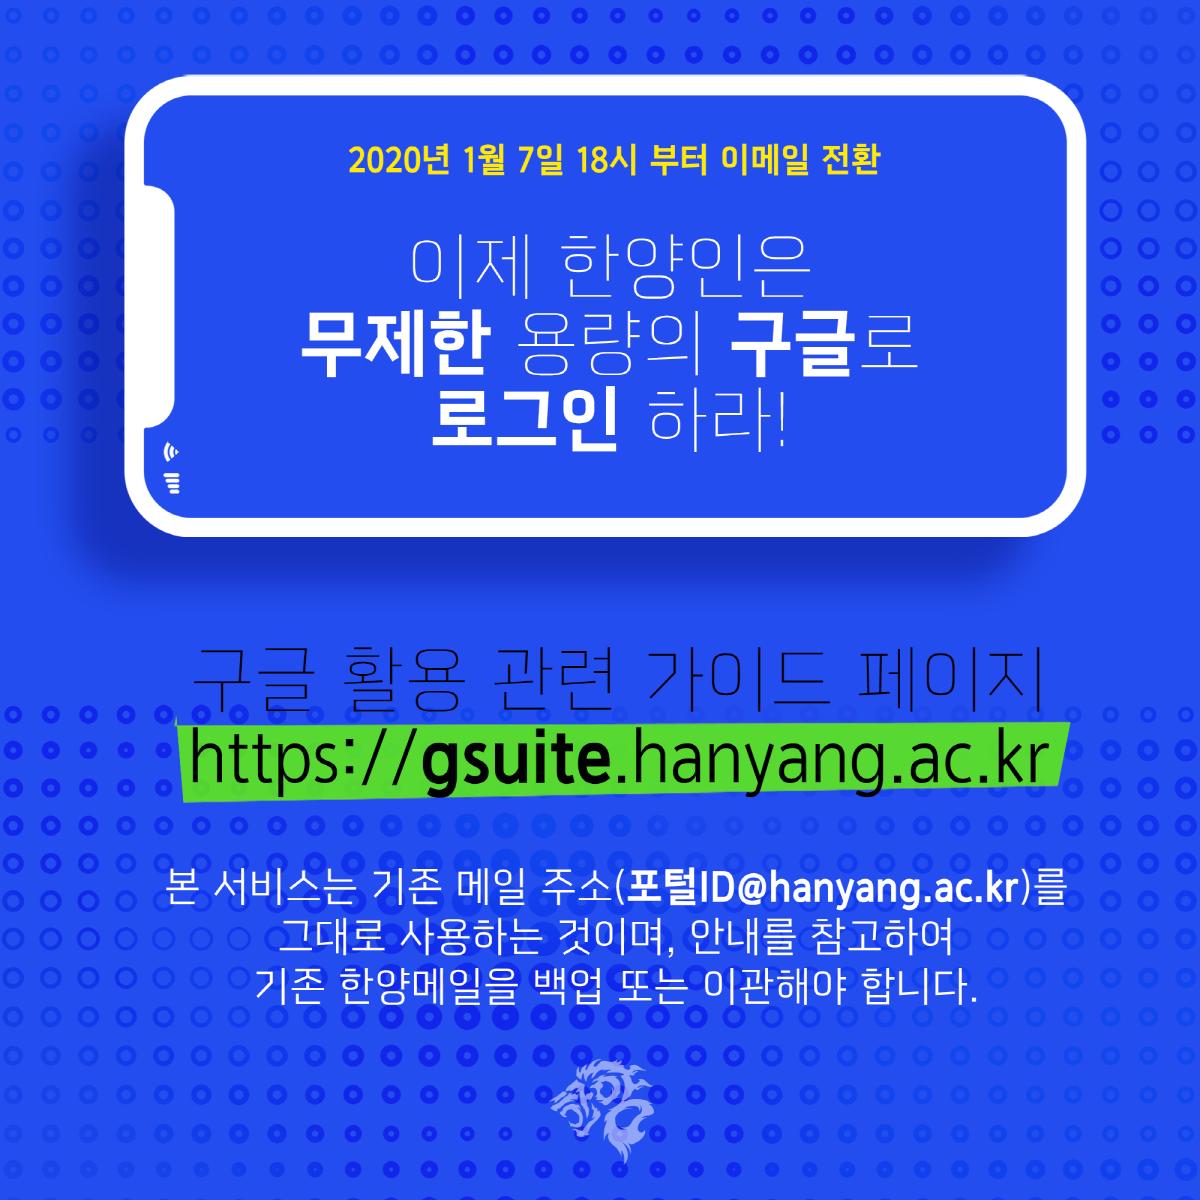 한양대, G suite for Education 정식 도입!!